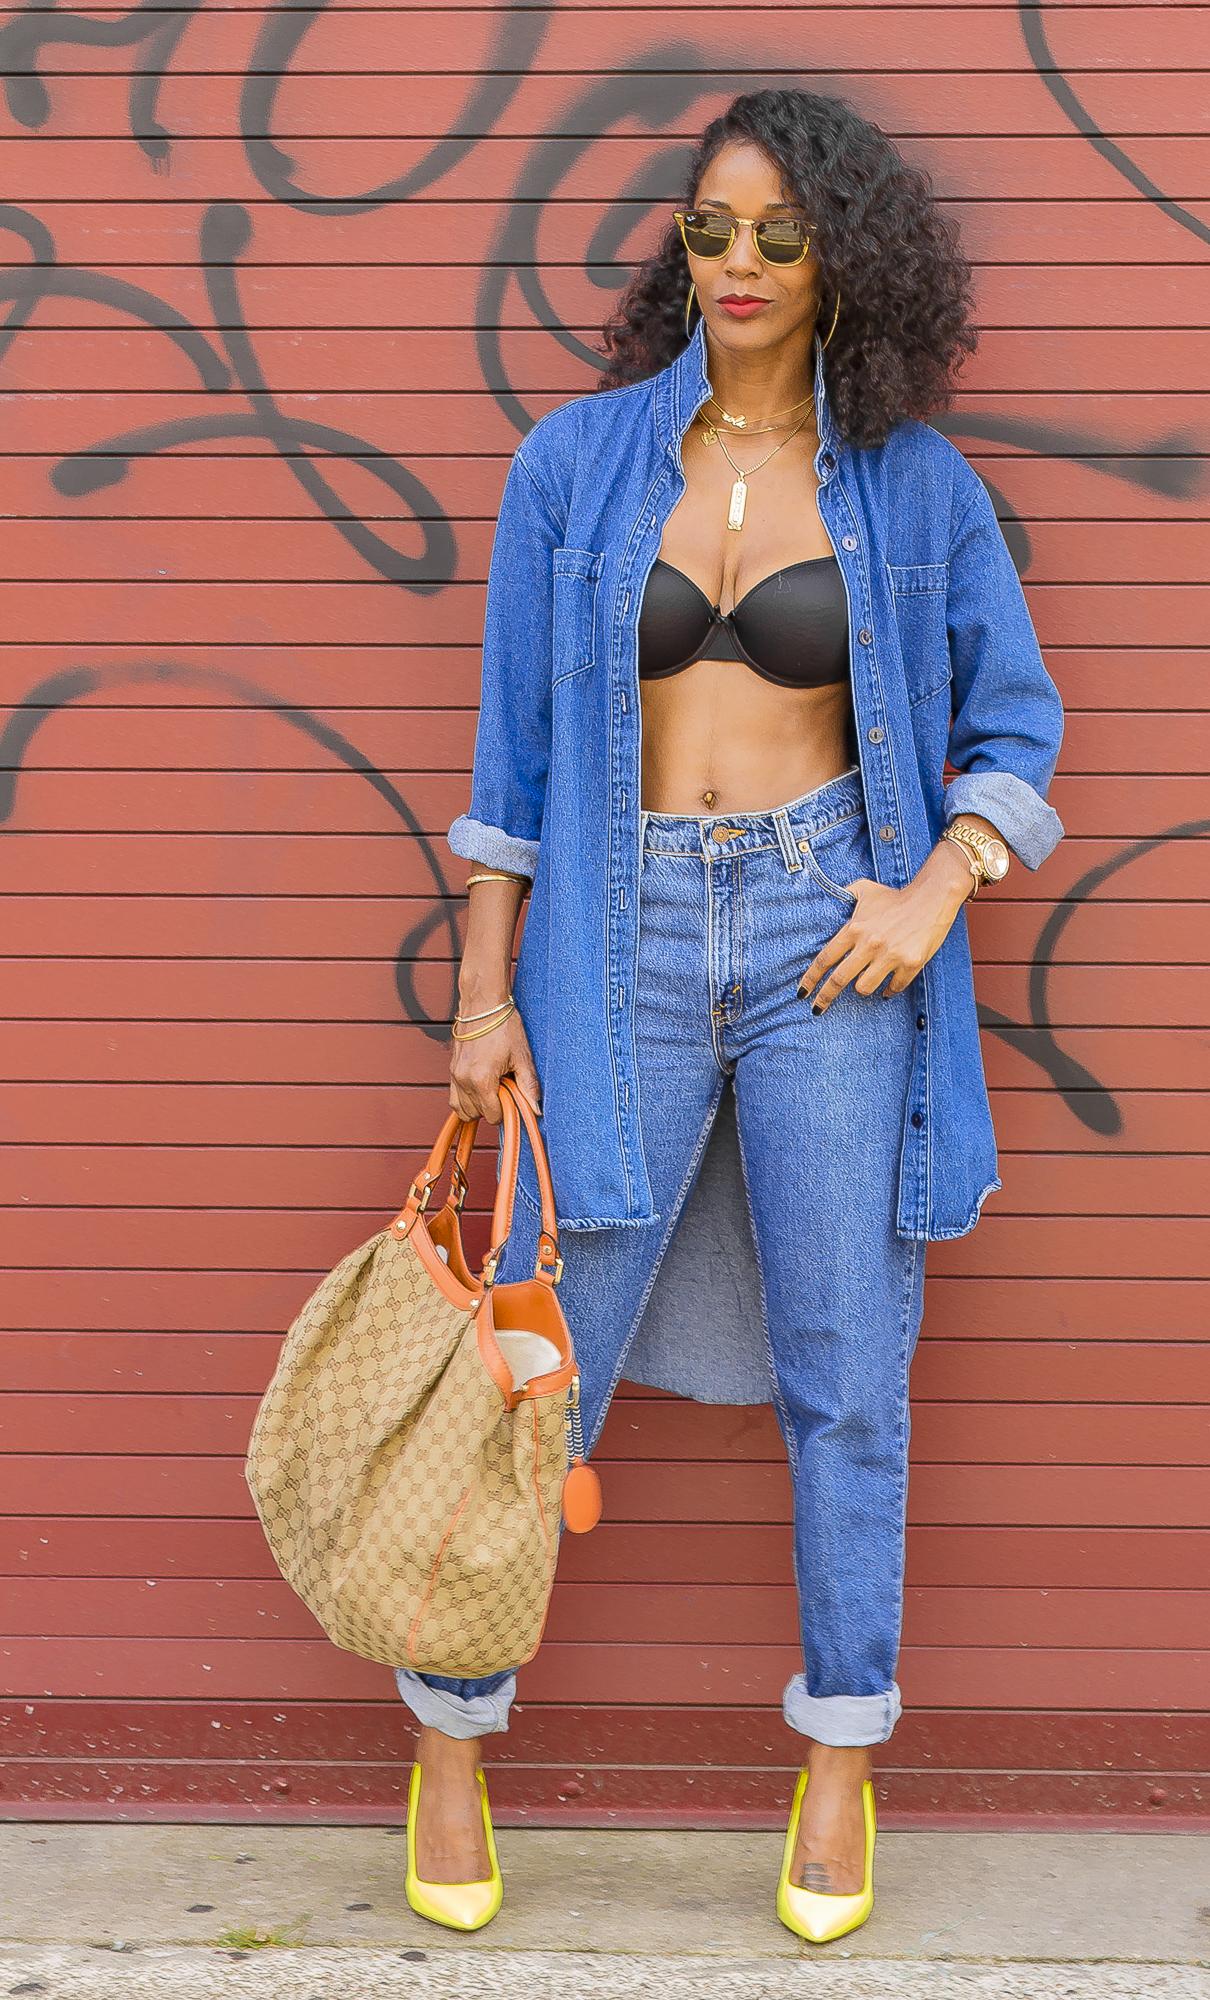 blue jean look6.jpg